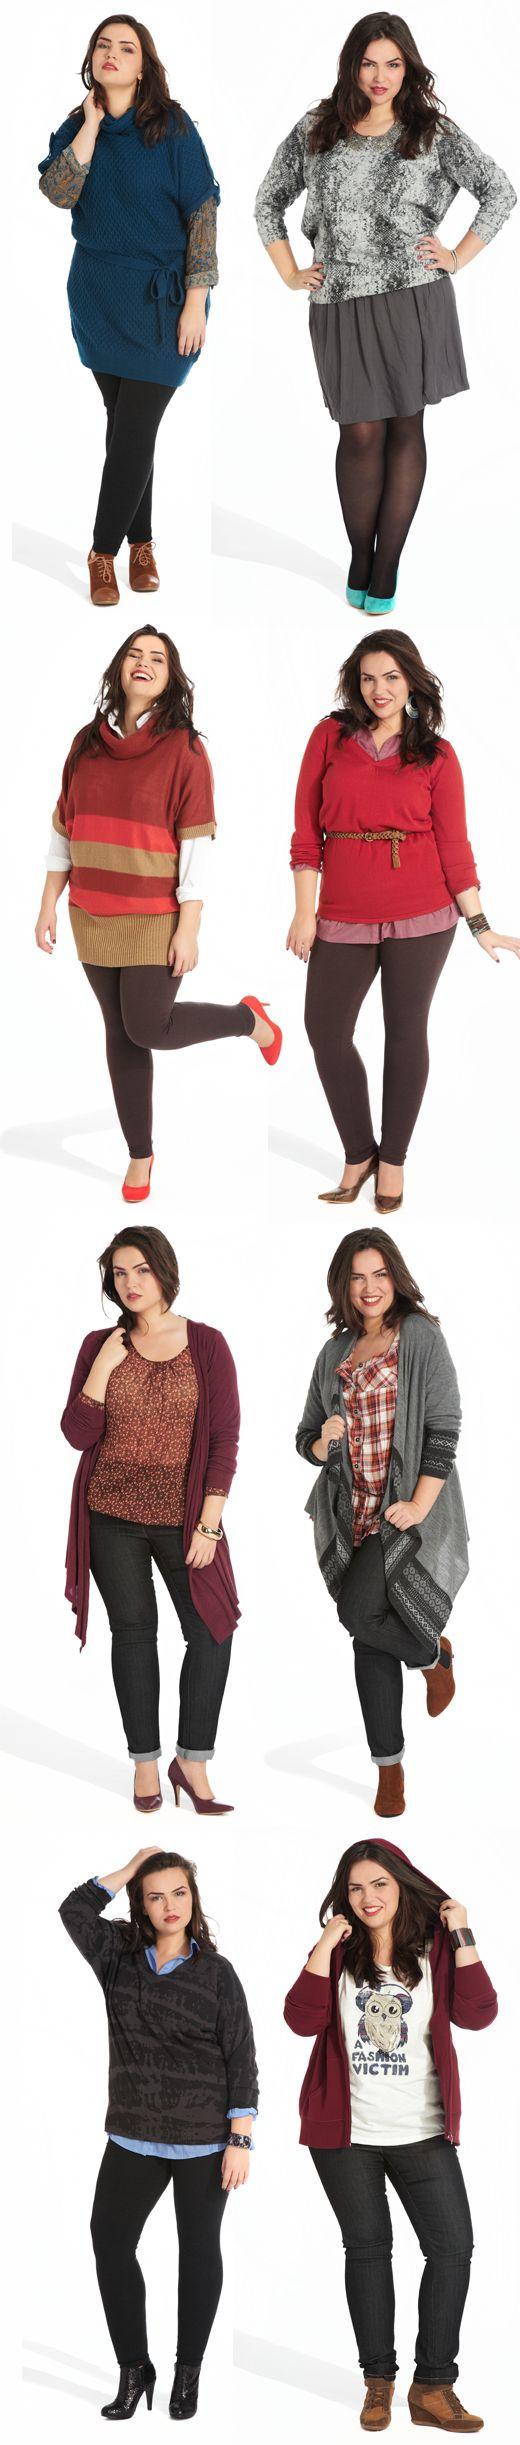 La mia scelta ed i miei gusti nel campo della moda, per classe ed elegante. Anche taglia XL. Ninni - Taglie extra large ed extra belle